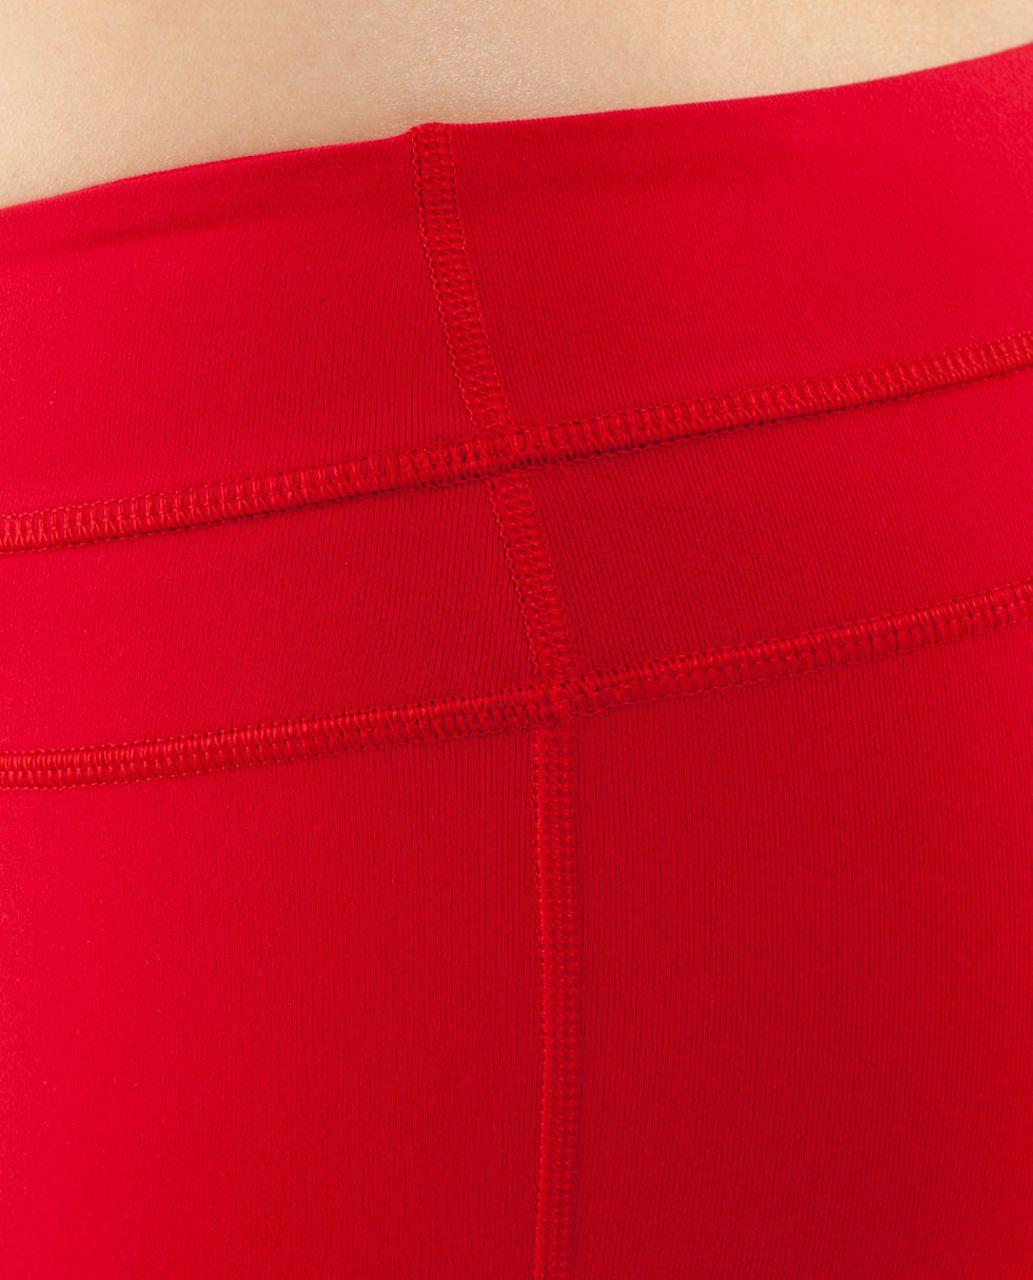 Lululemon Groove Pant (Regular) - Currant